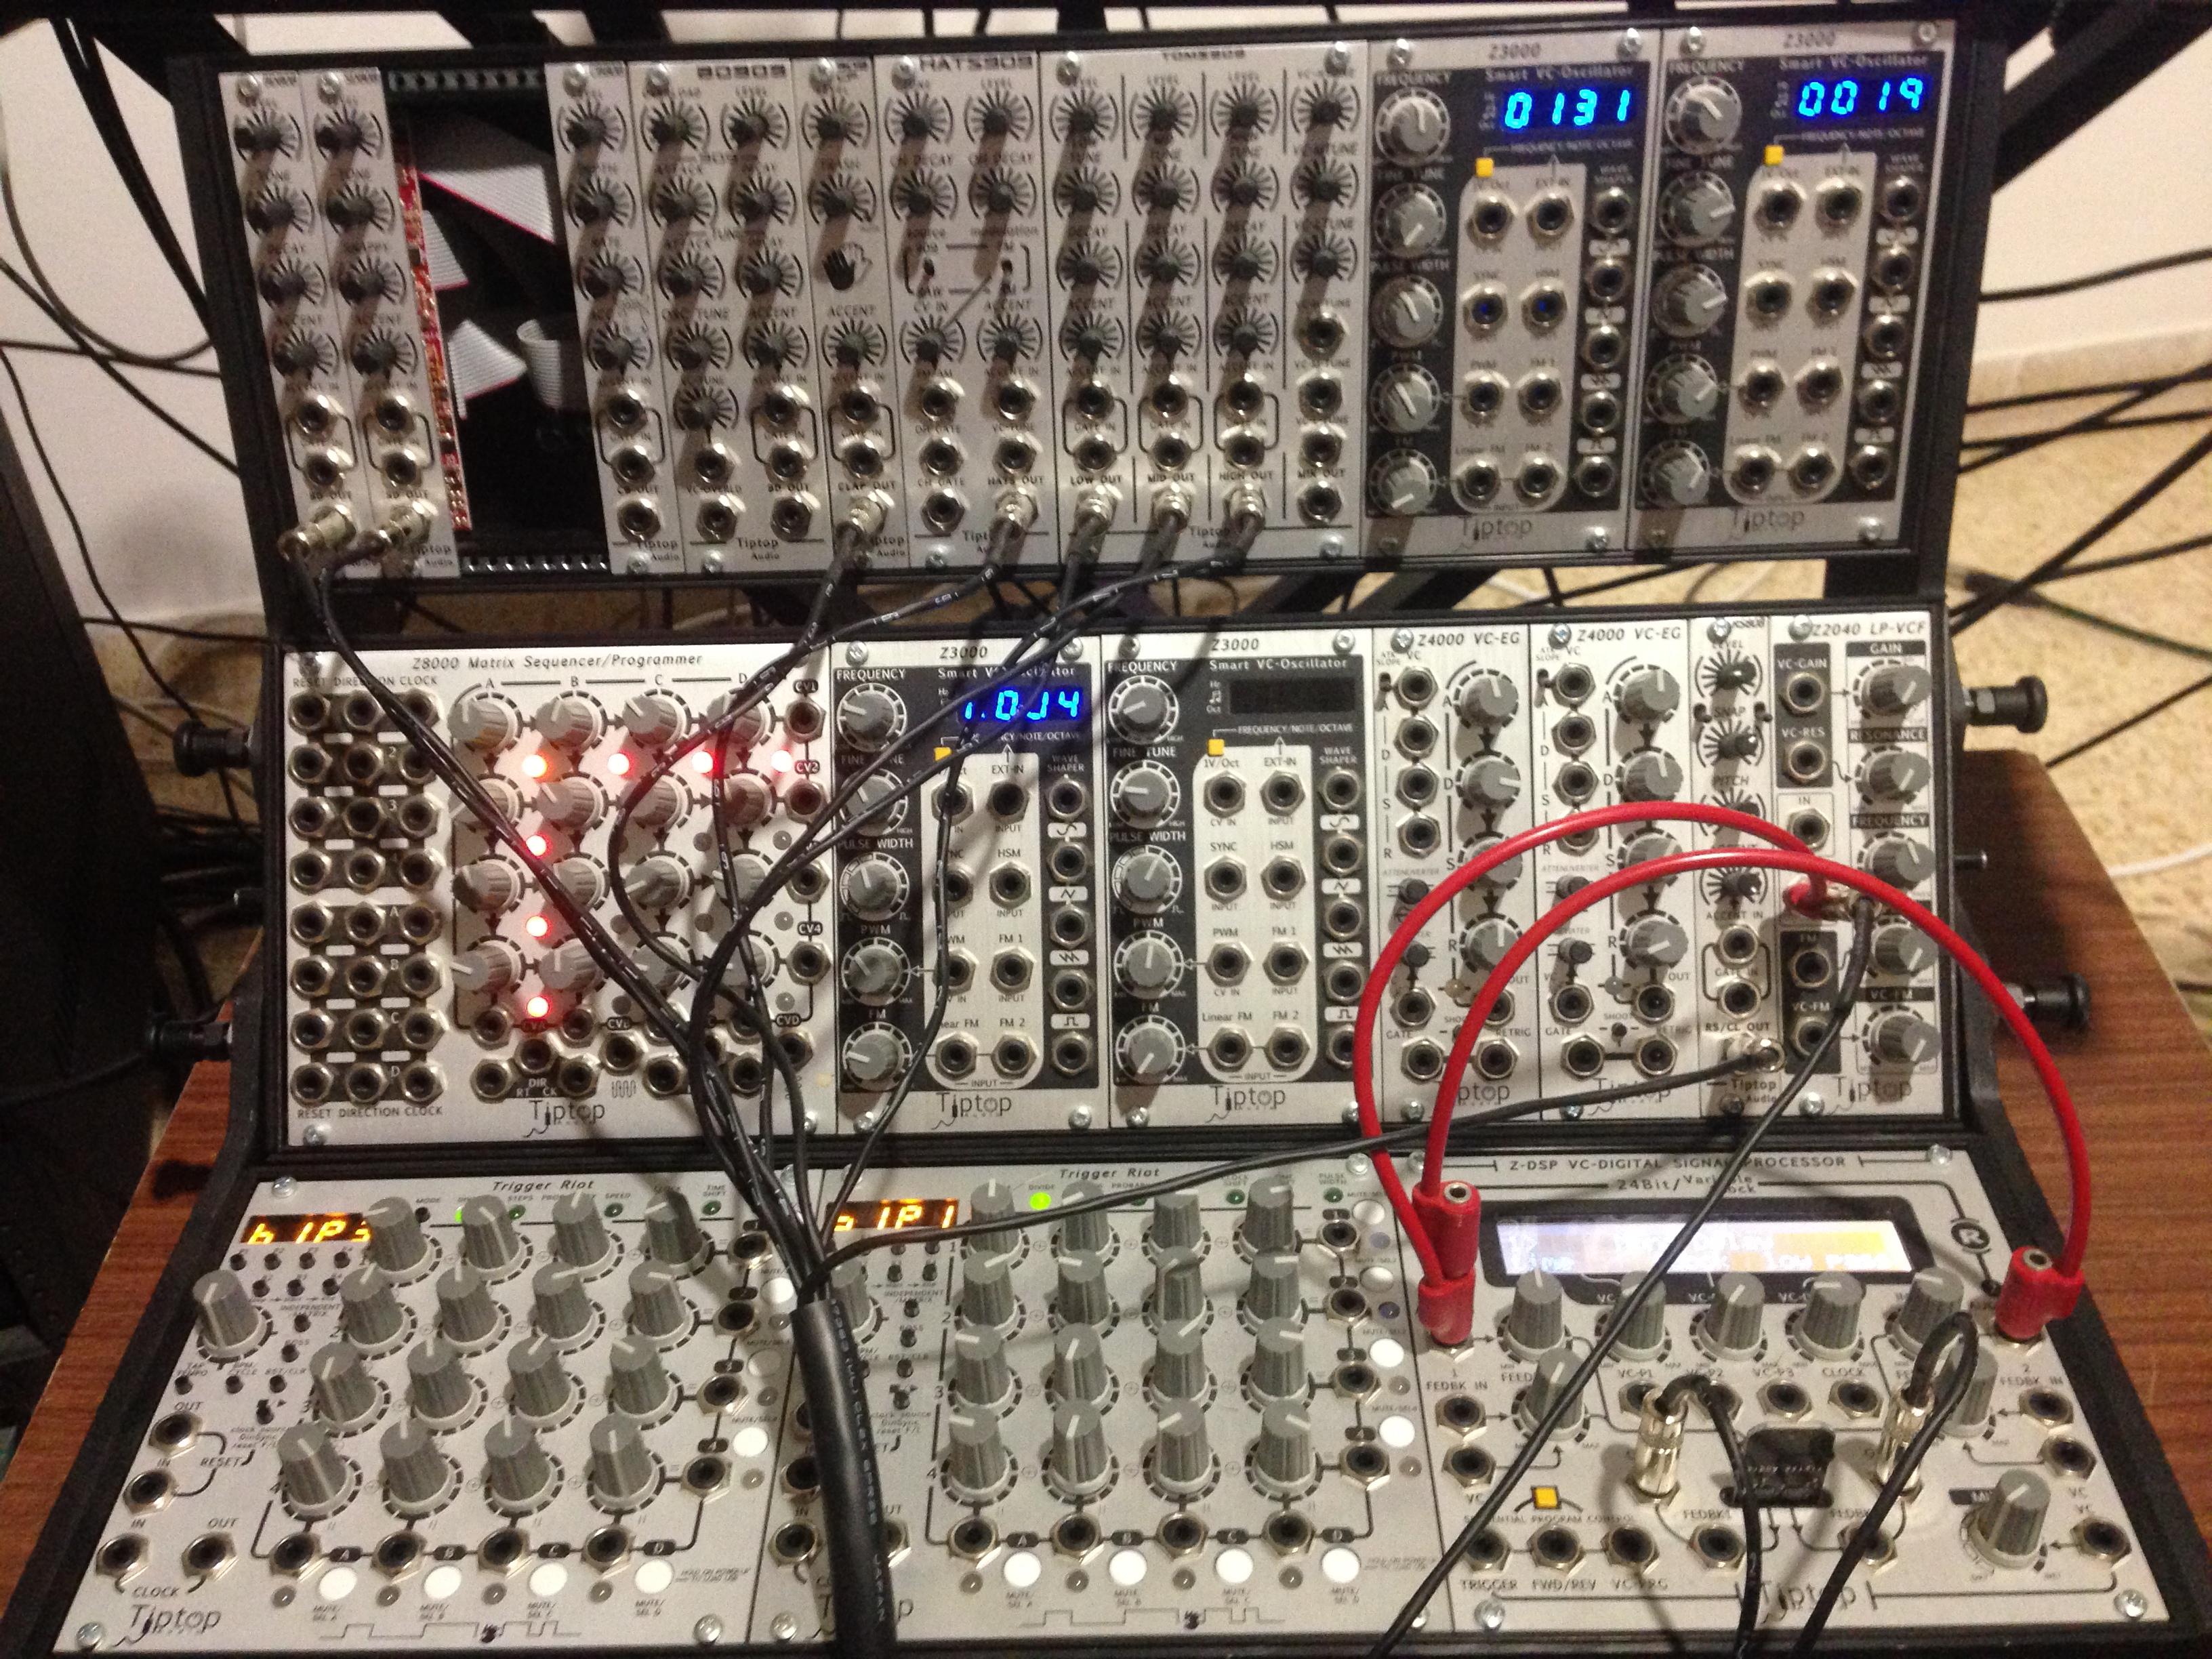 טיפטופ אודיו מערכת שלמה